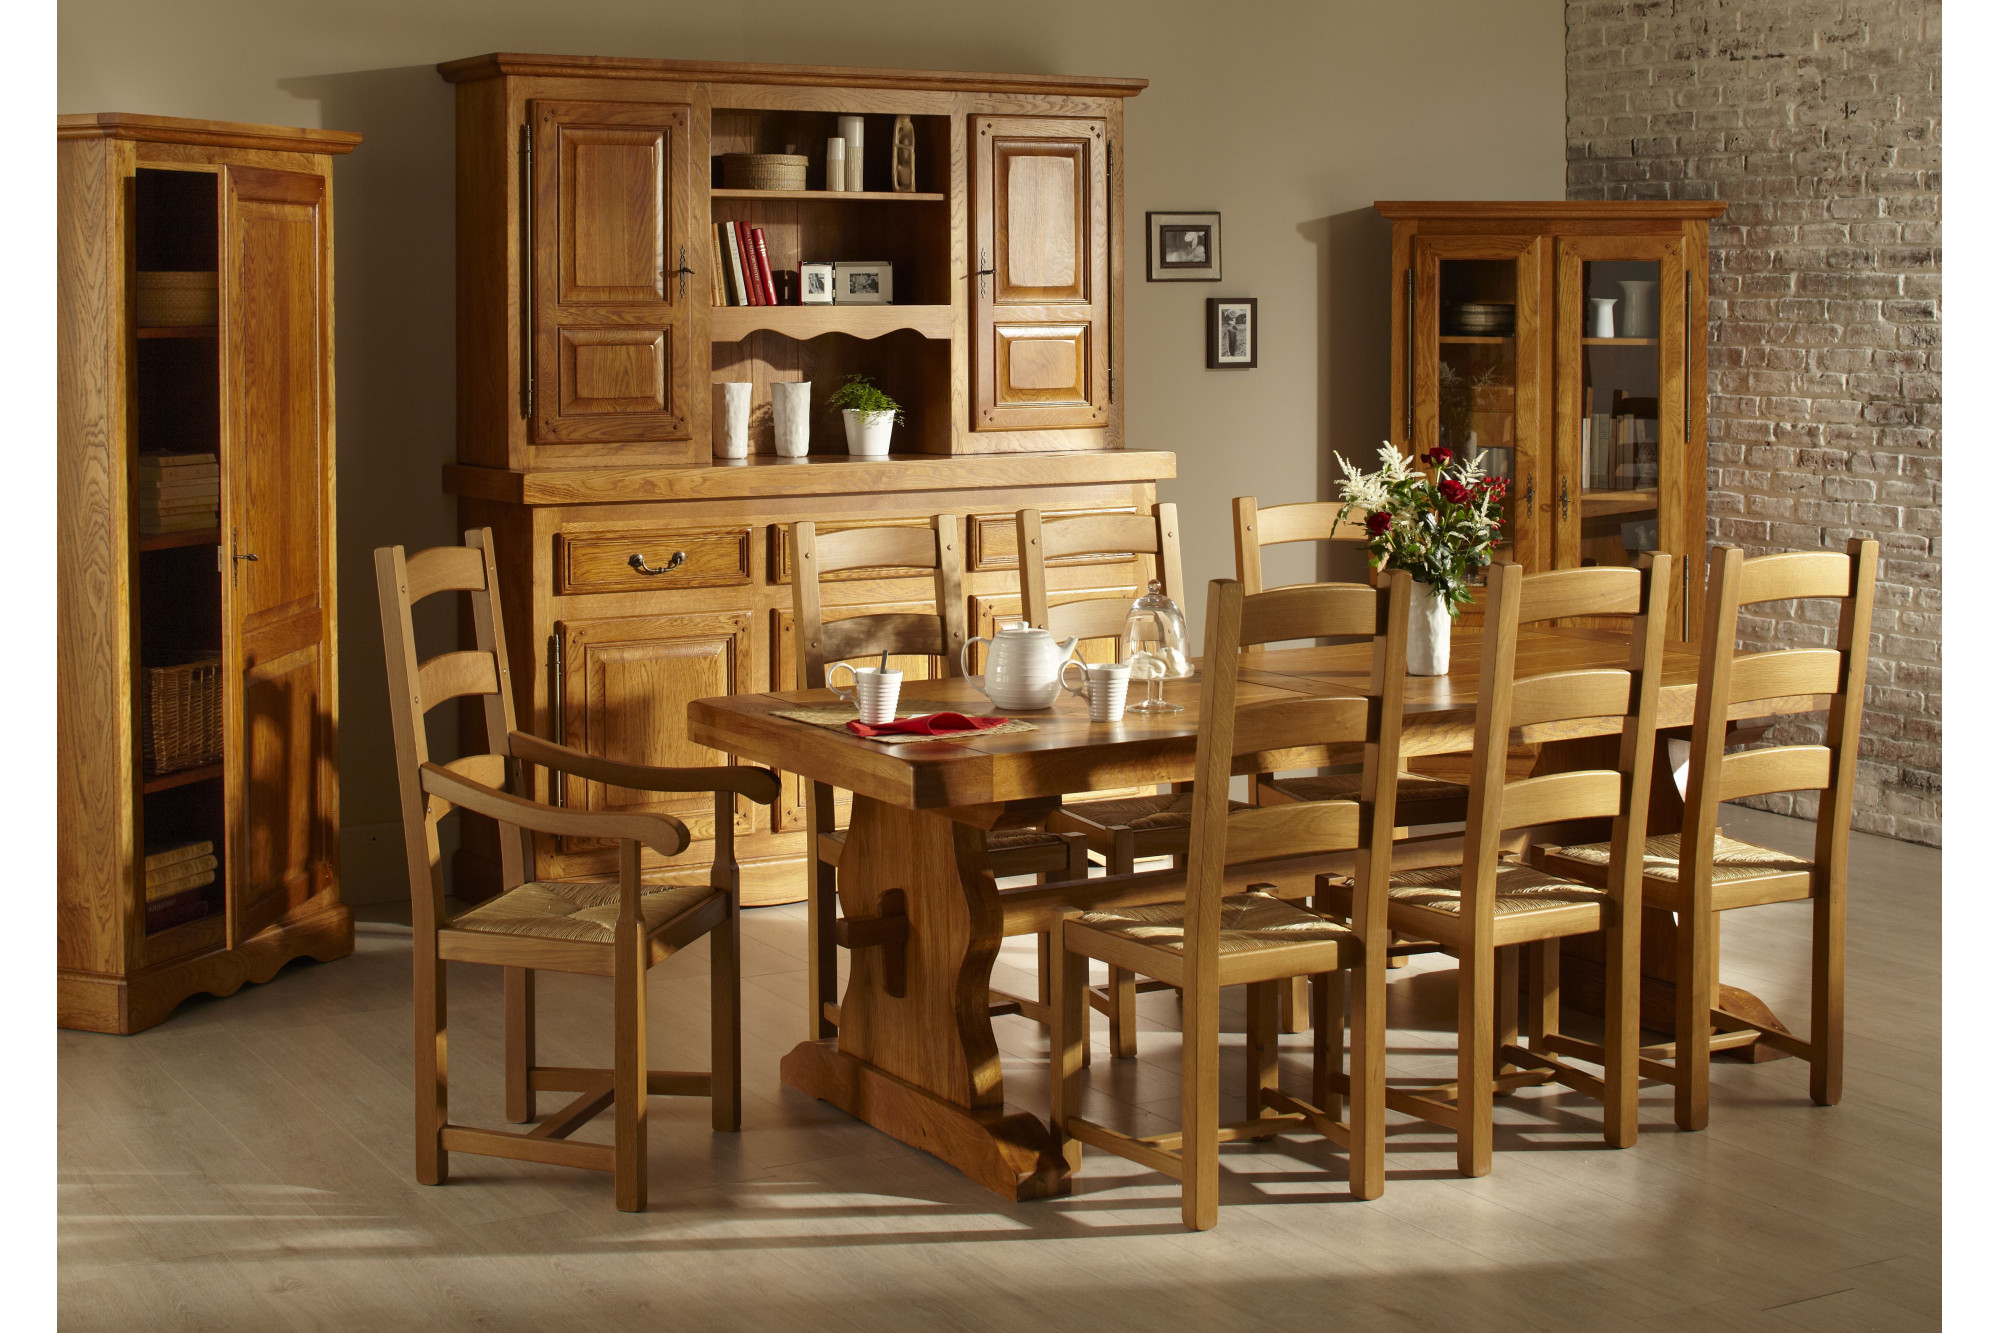 salle a manger complete de style rustique bois massif hellin